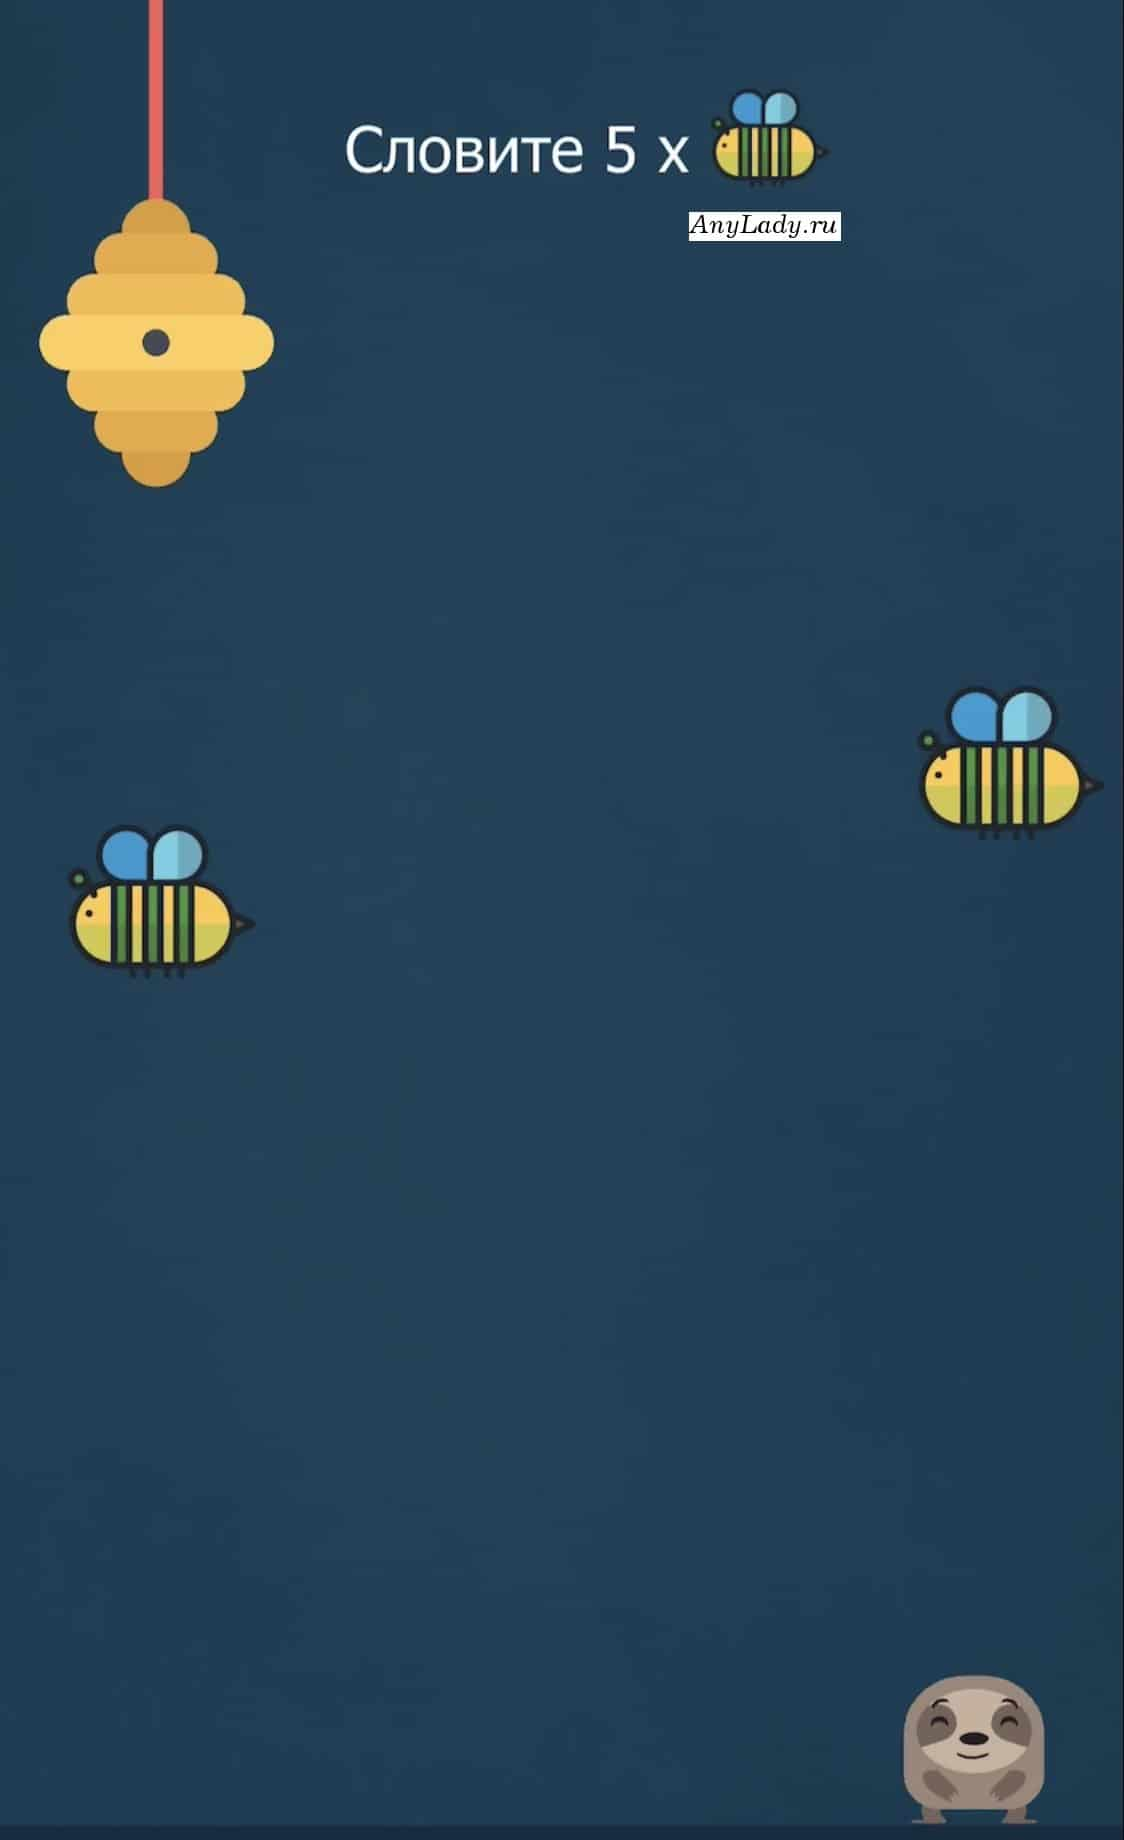 Кликайте пальцем, на пчел летящих в левую сторону.   Последняя пчела затаится в условии задания.